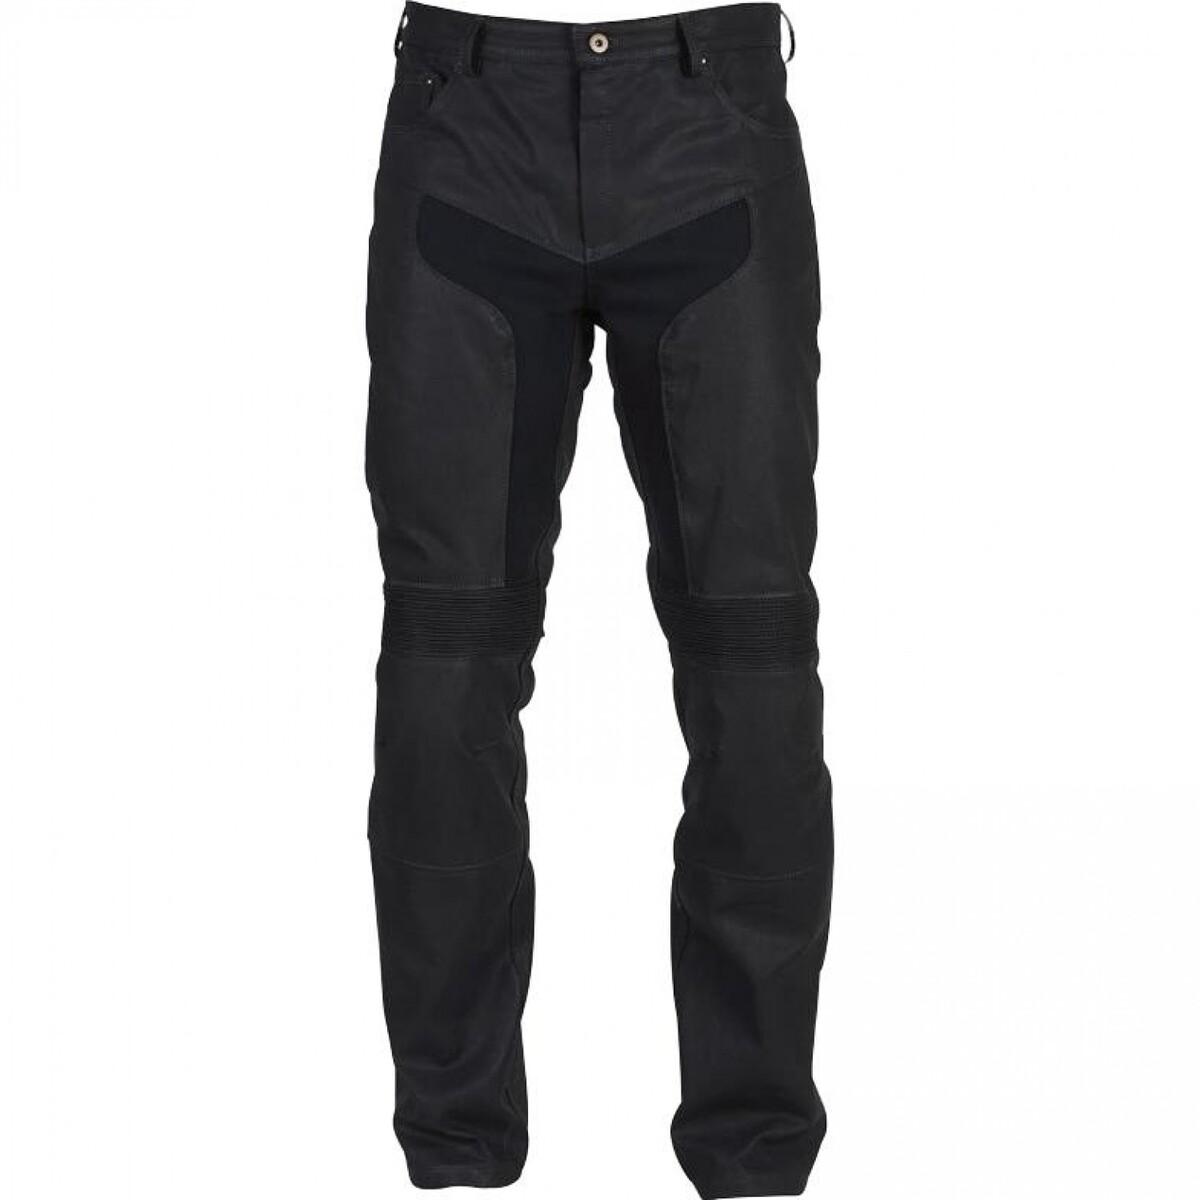 Bild 1 von Furygan Jeans DH schwarz Herren Größe 50